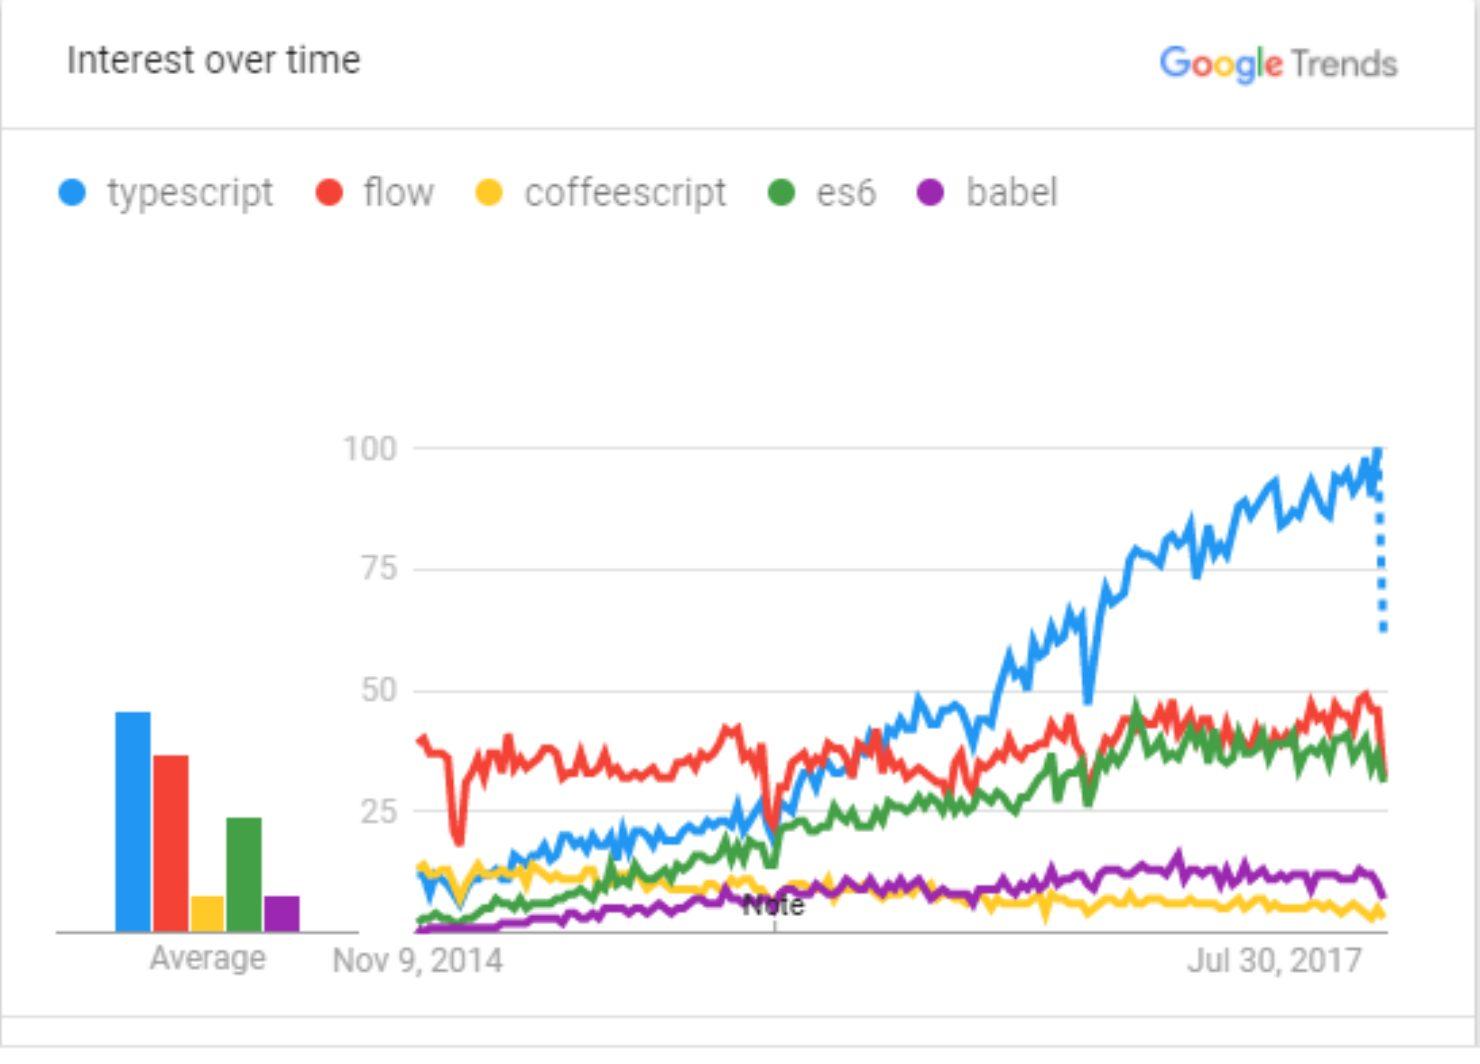 Статьи: Строгая типизация: Typescript, Flow, Javascript — быть или не быть?. Статистика Google Trends